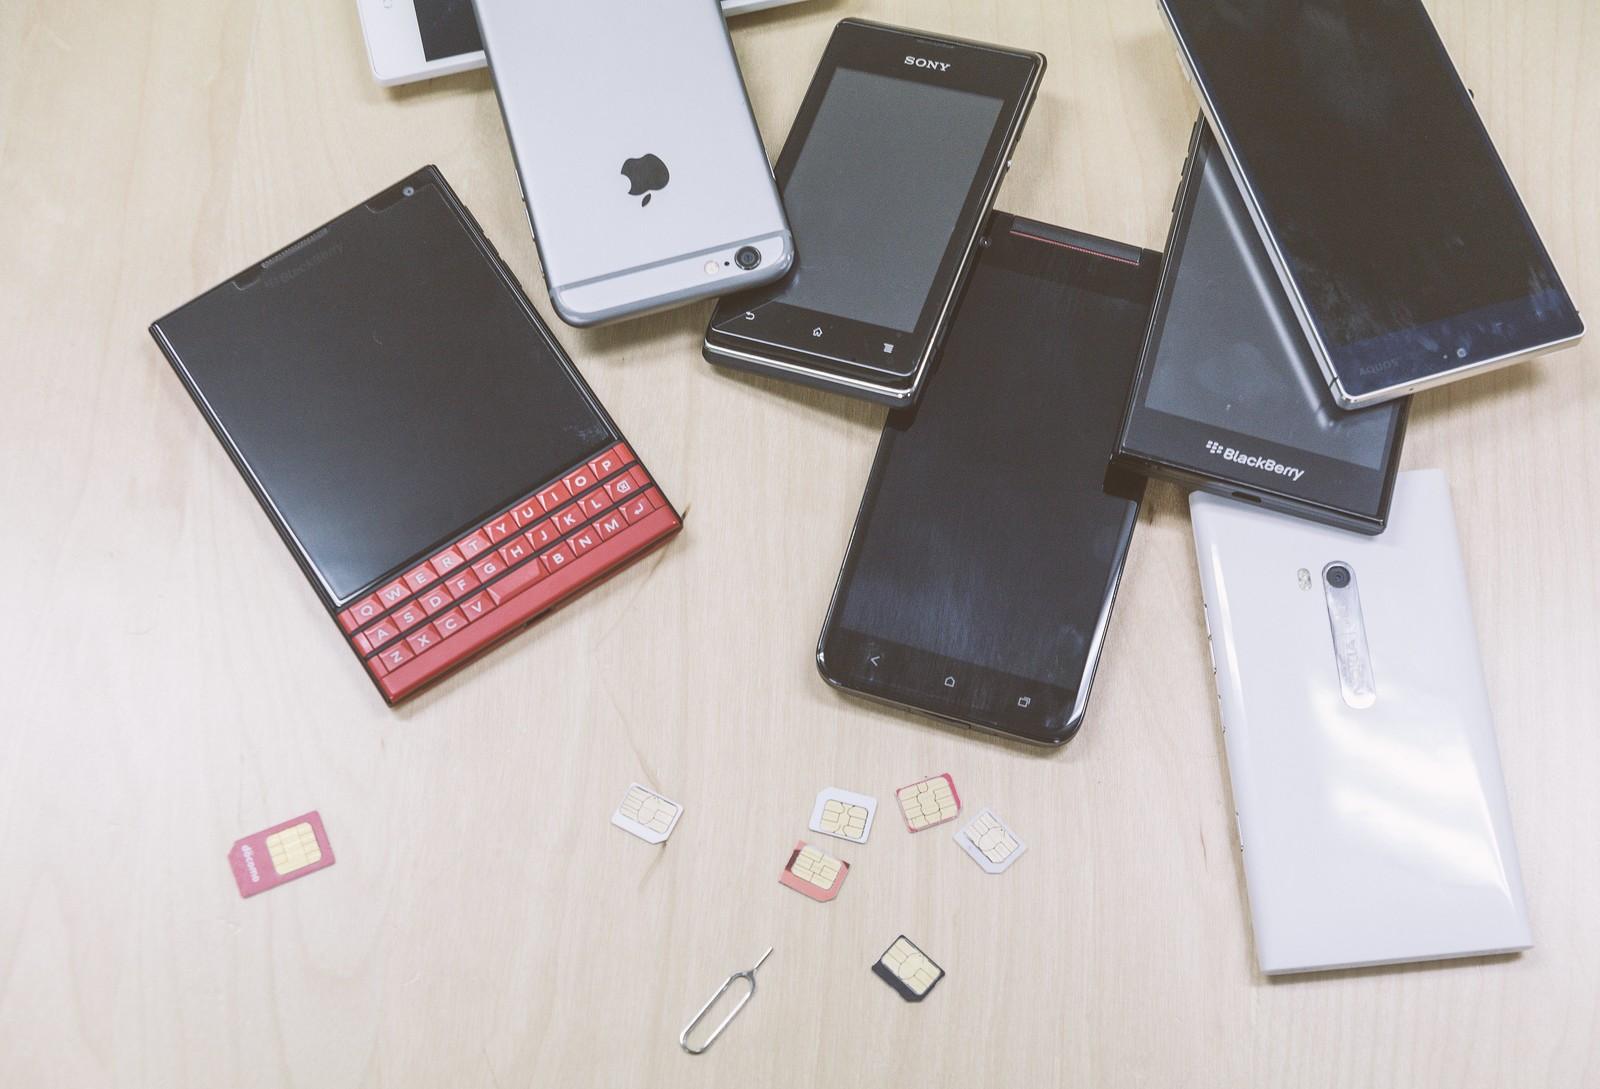 ビッグローブモバイルの格安SIMはiPhoneも利用可能で便利!